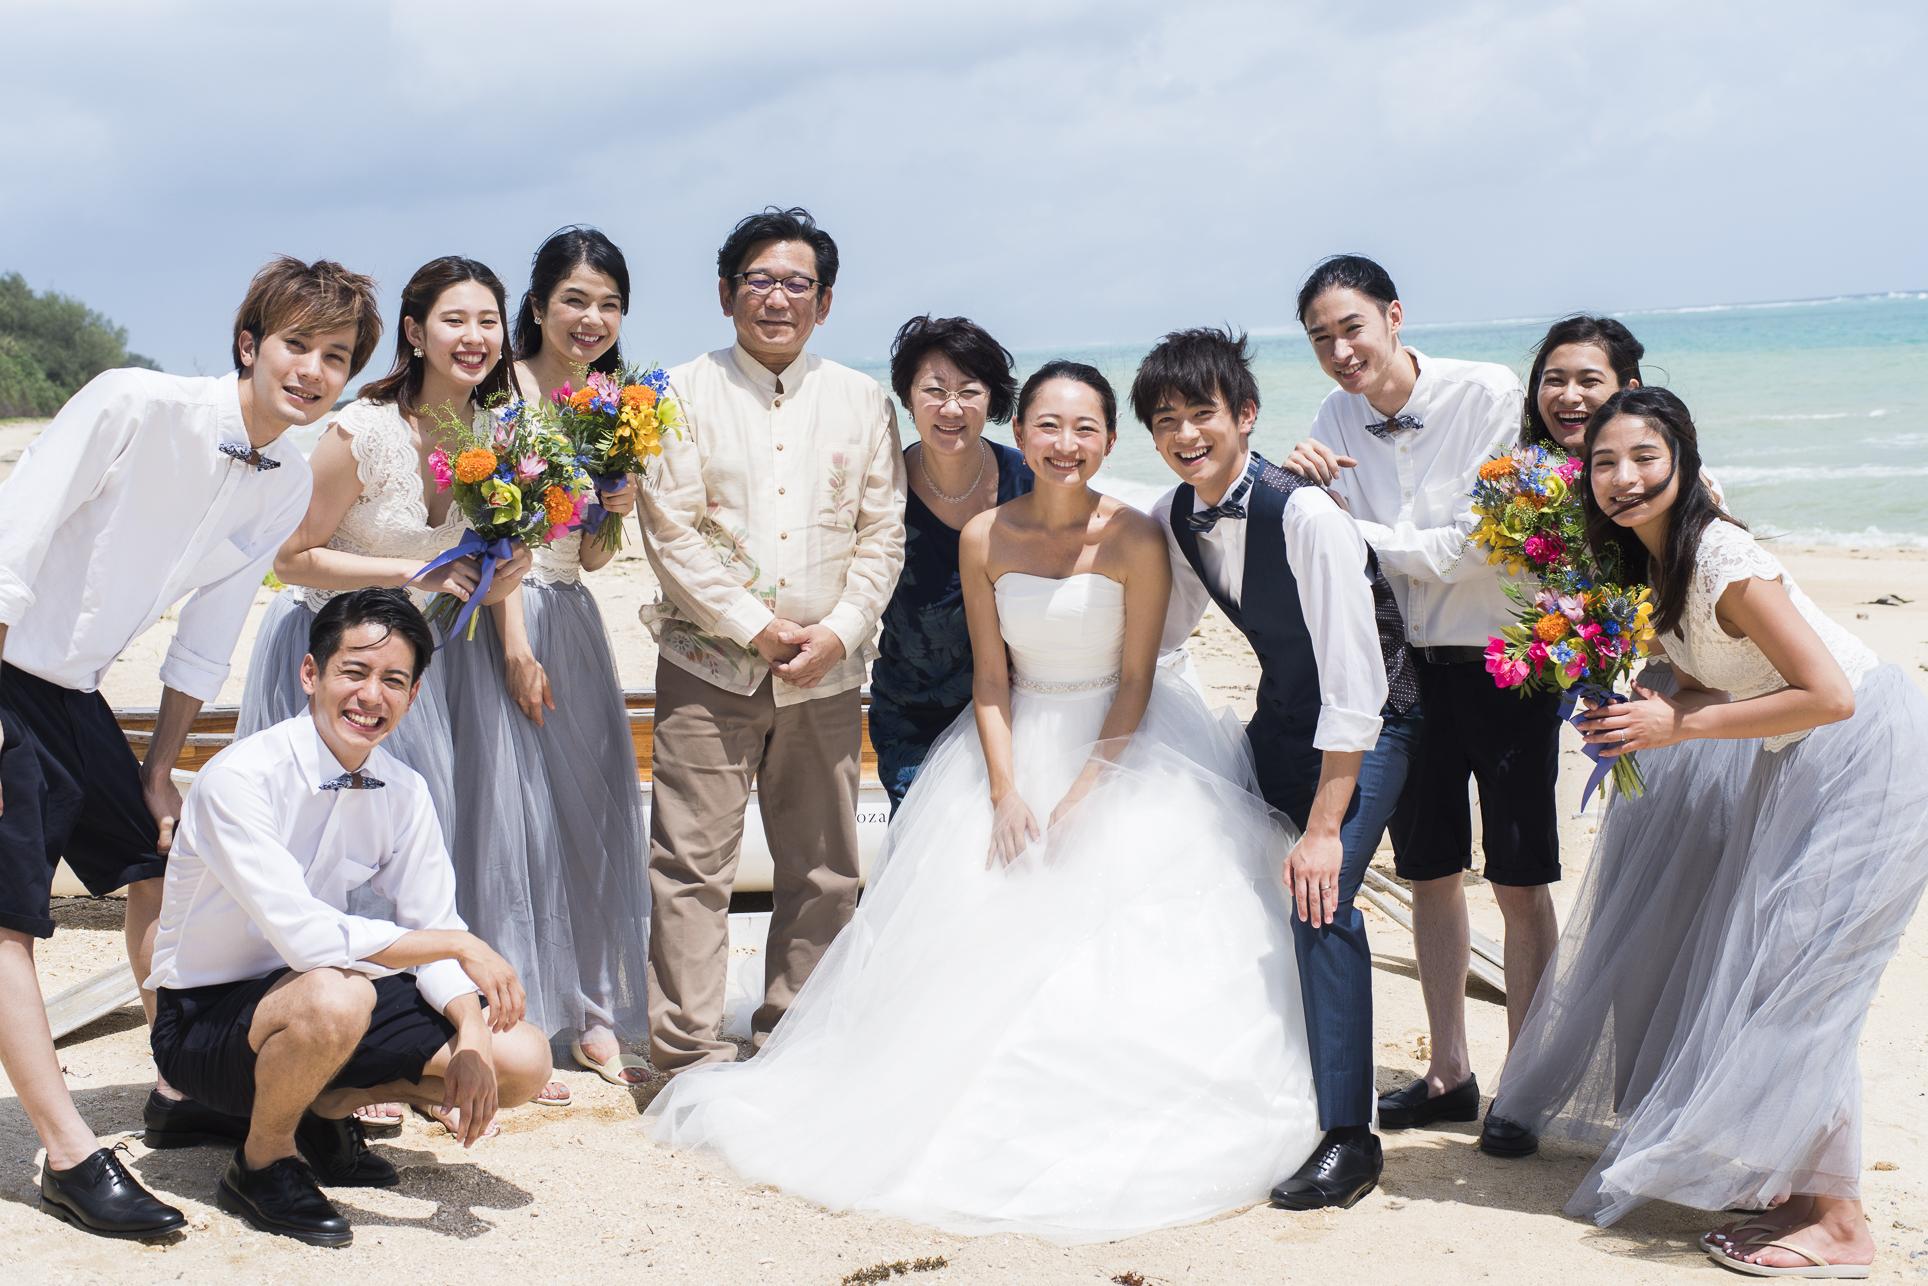 沖縄ウエディング.まとめゲストに事前に教えてあげたい!沖縄リゾートウェディングでおすすめ&NGの服装まとめ<男女あり>